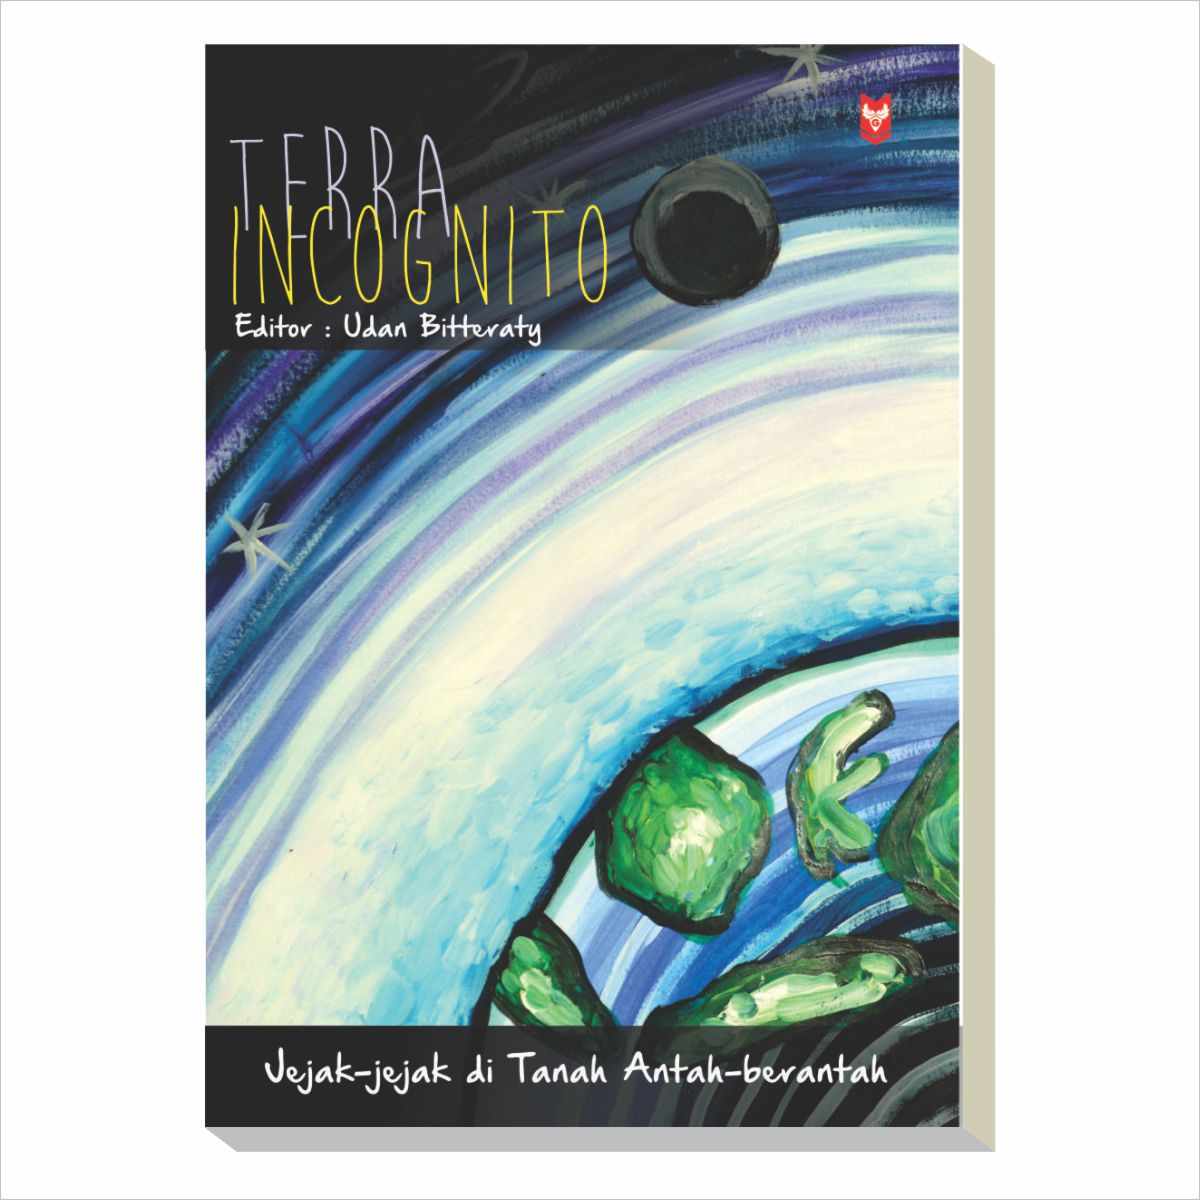 Terra Incognito : Jejak-Jejak Di Tanah Antah-Berantah - Blanja.com